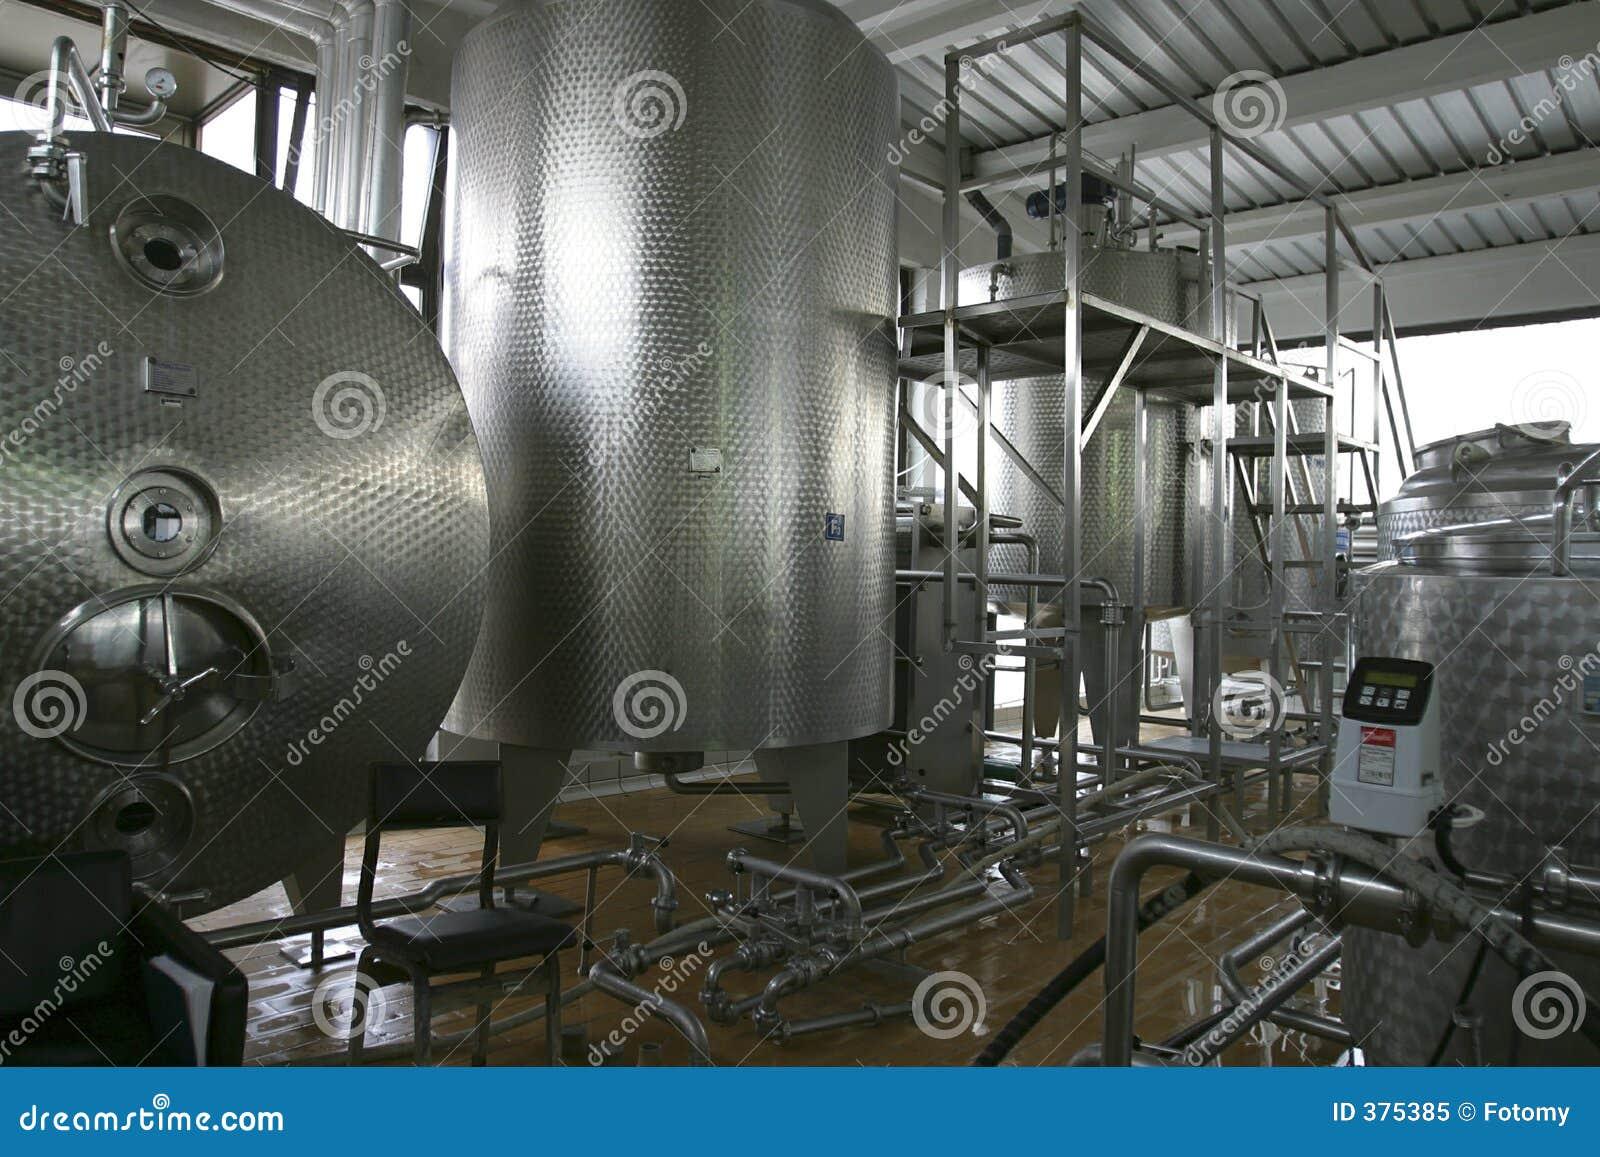 Industriella vätskelagringsbehållare